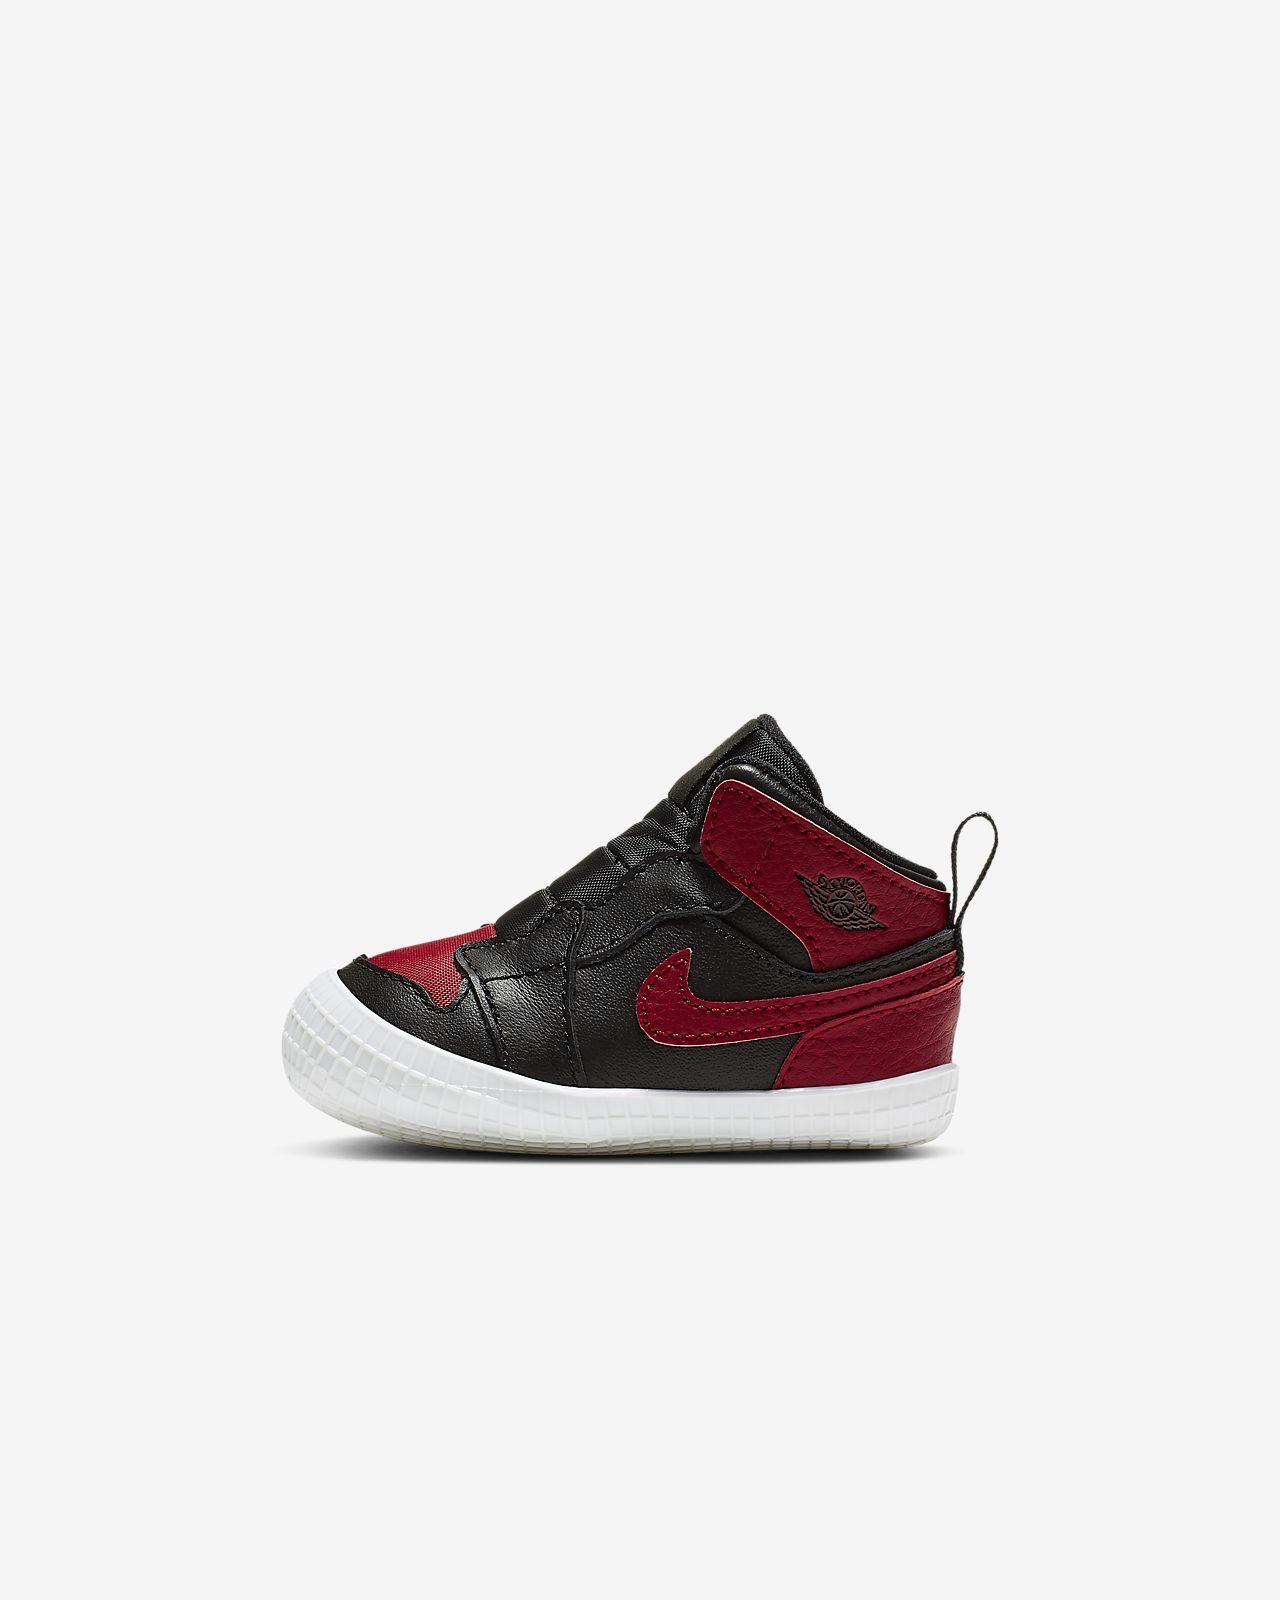 Jordan 1Crib Bootie Crib婴童童鞋